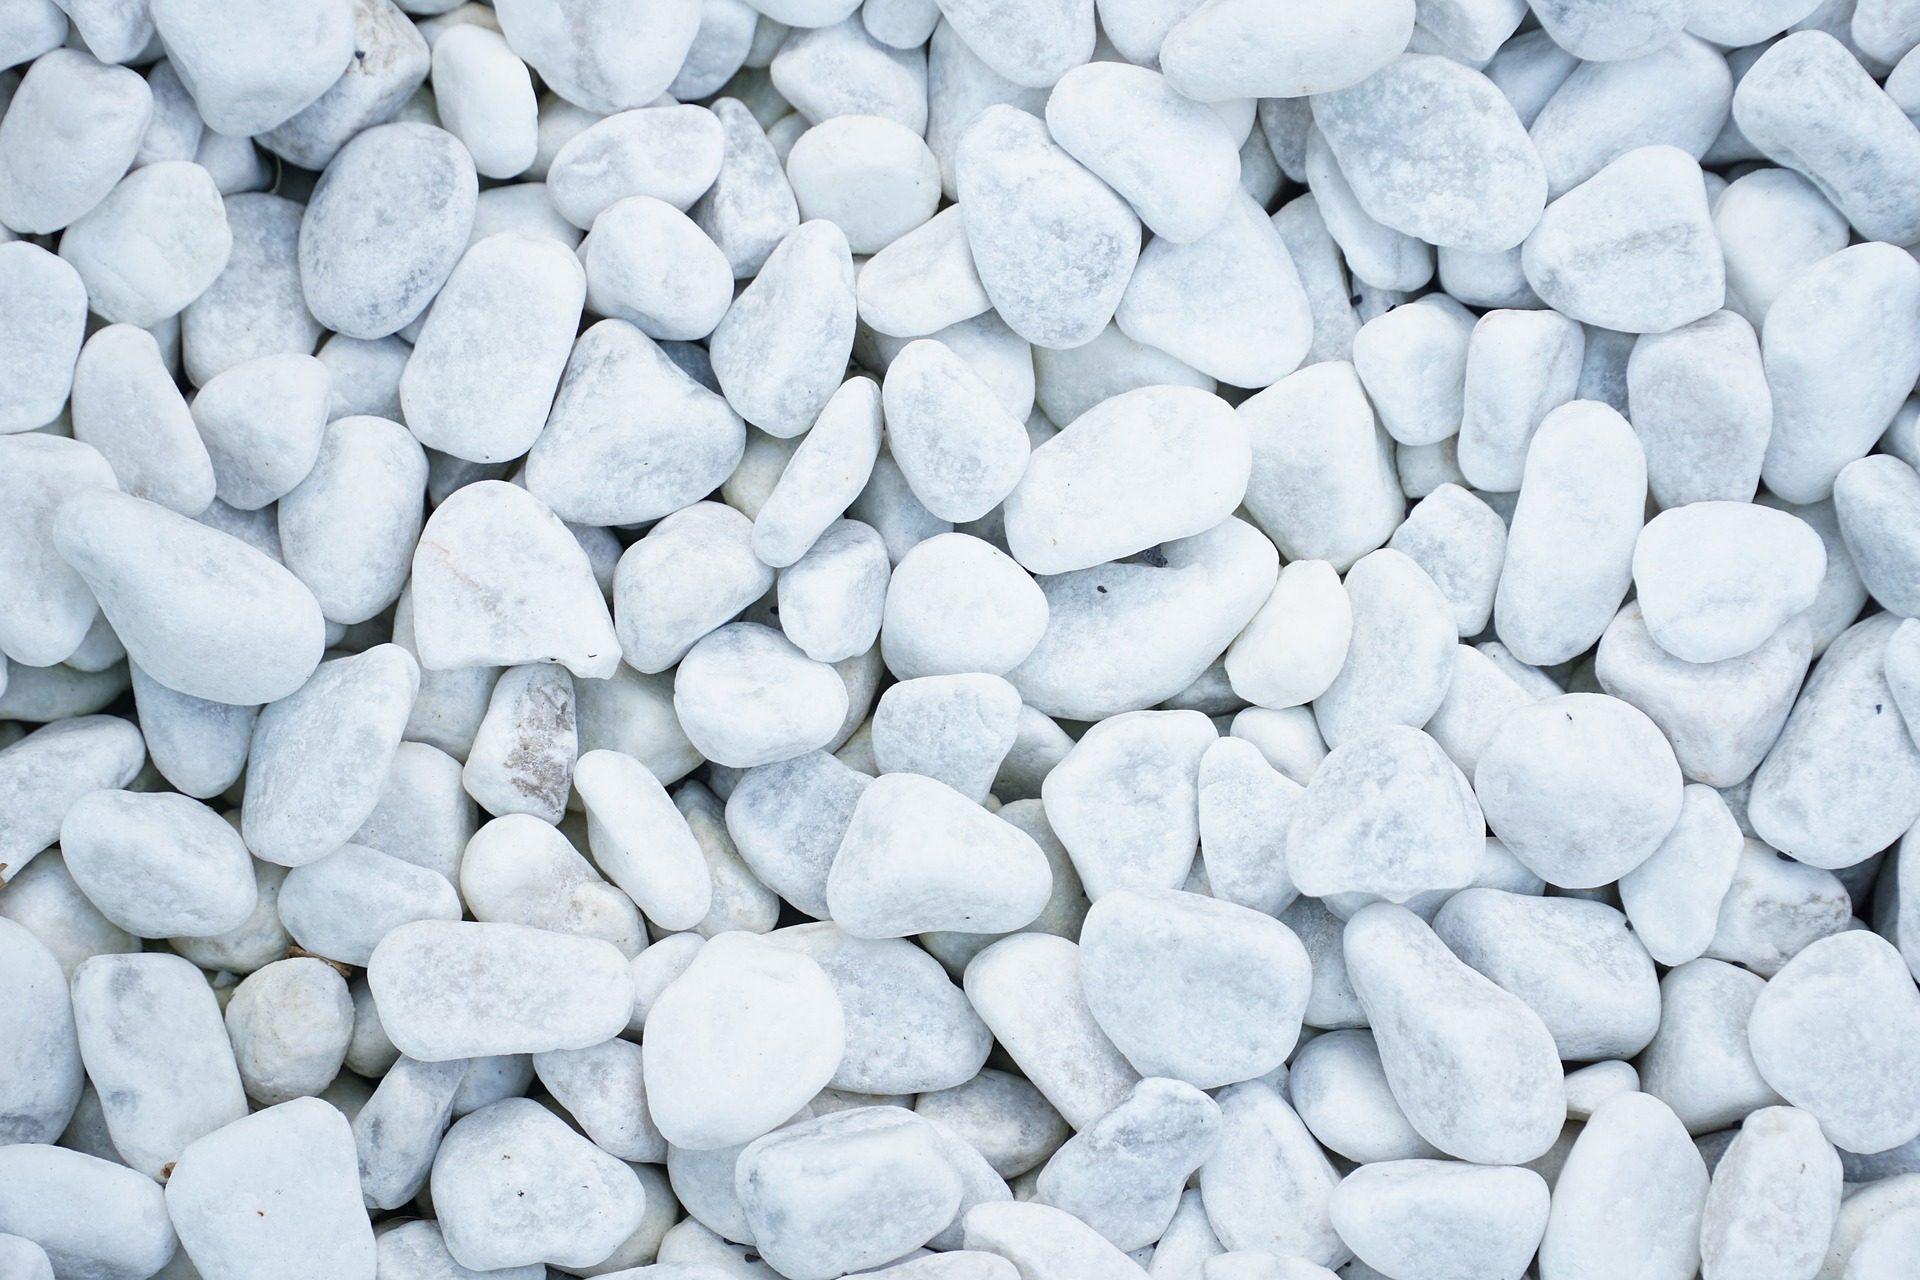 pietre, canzoni, Rocas, Bianco, quantità - Sfondi HD - Professor-falken.com